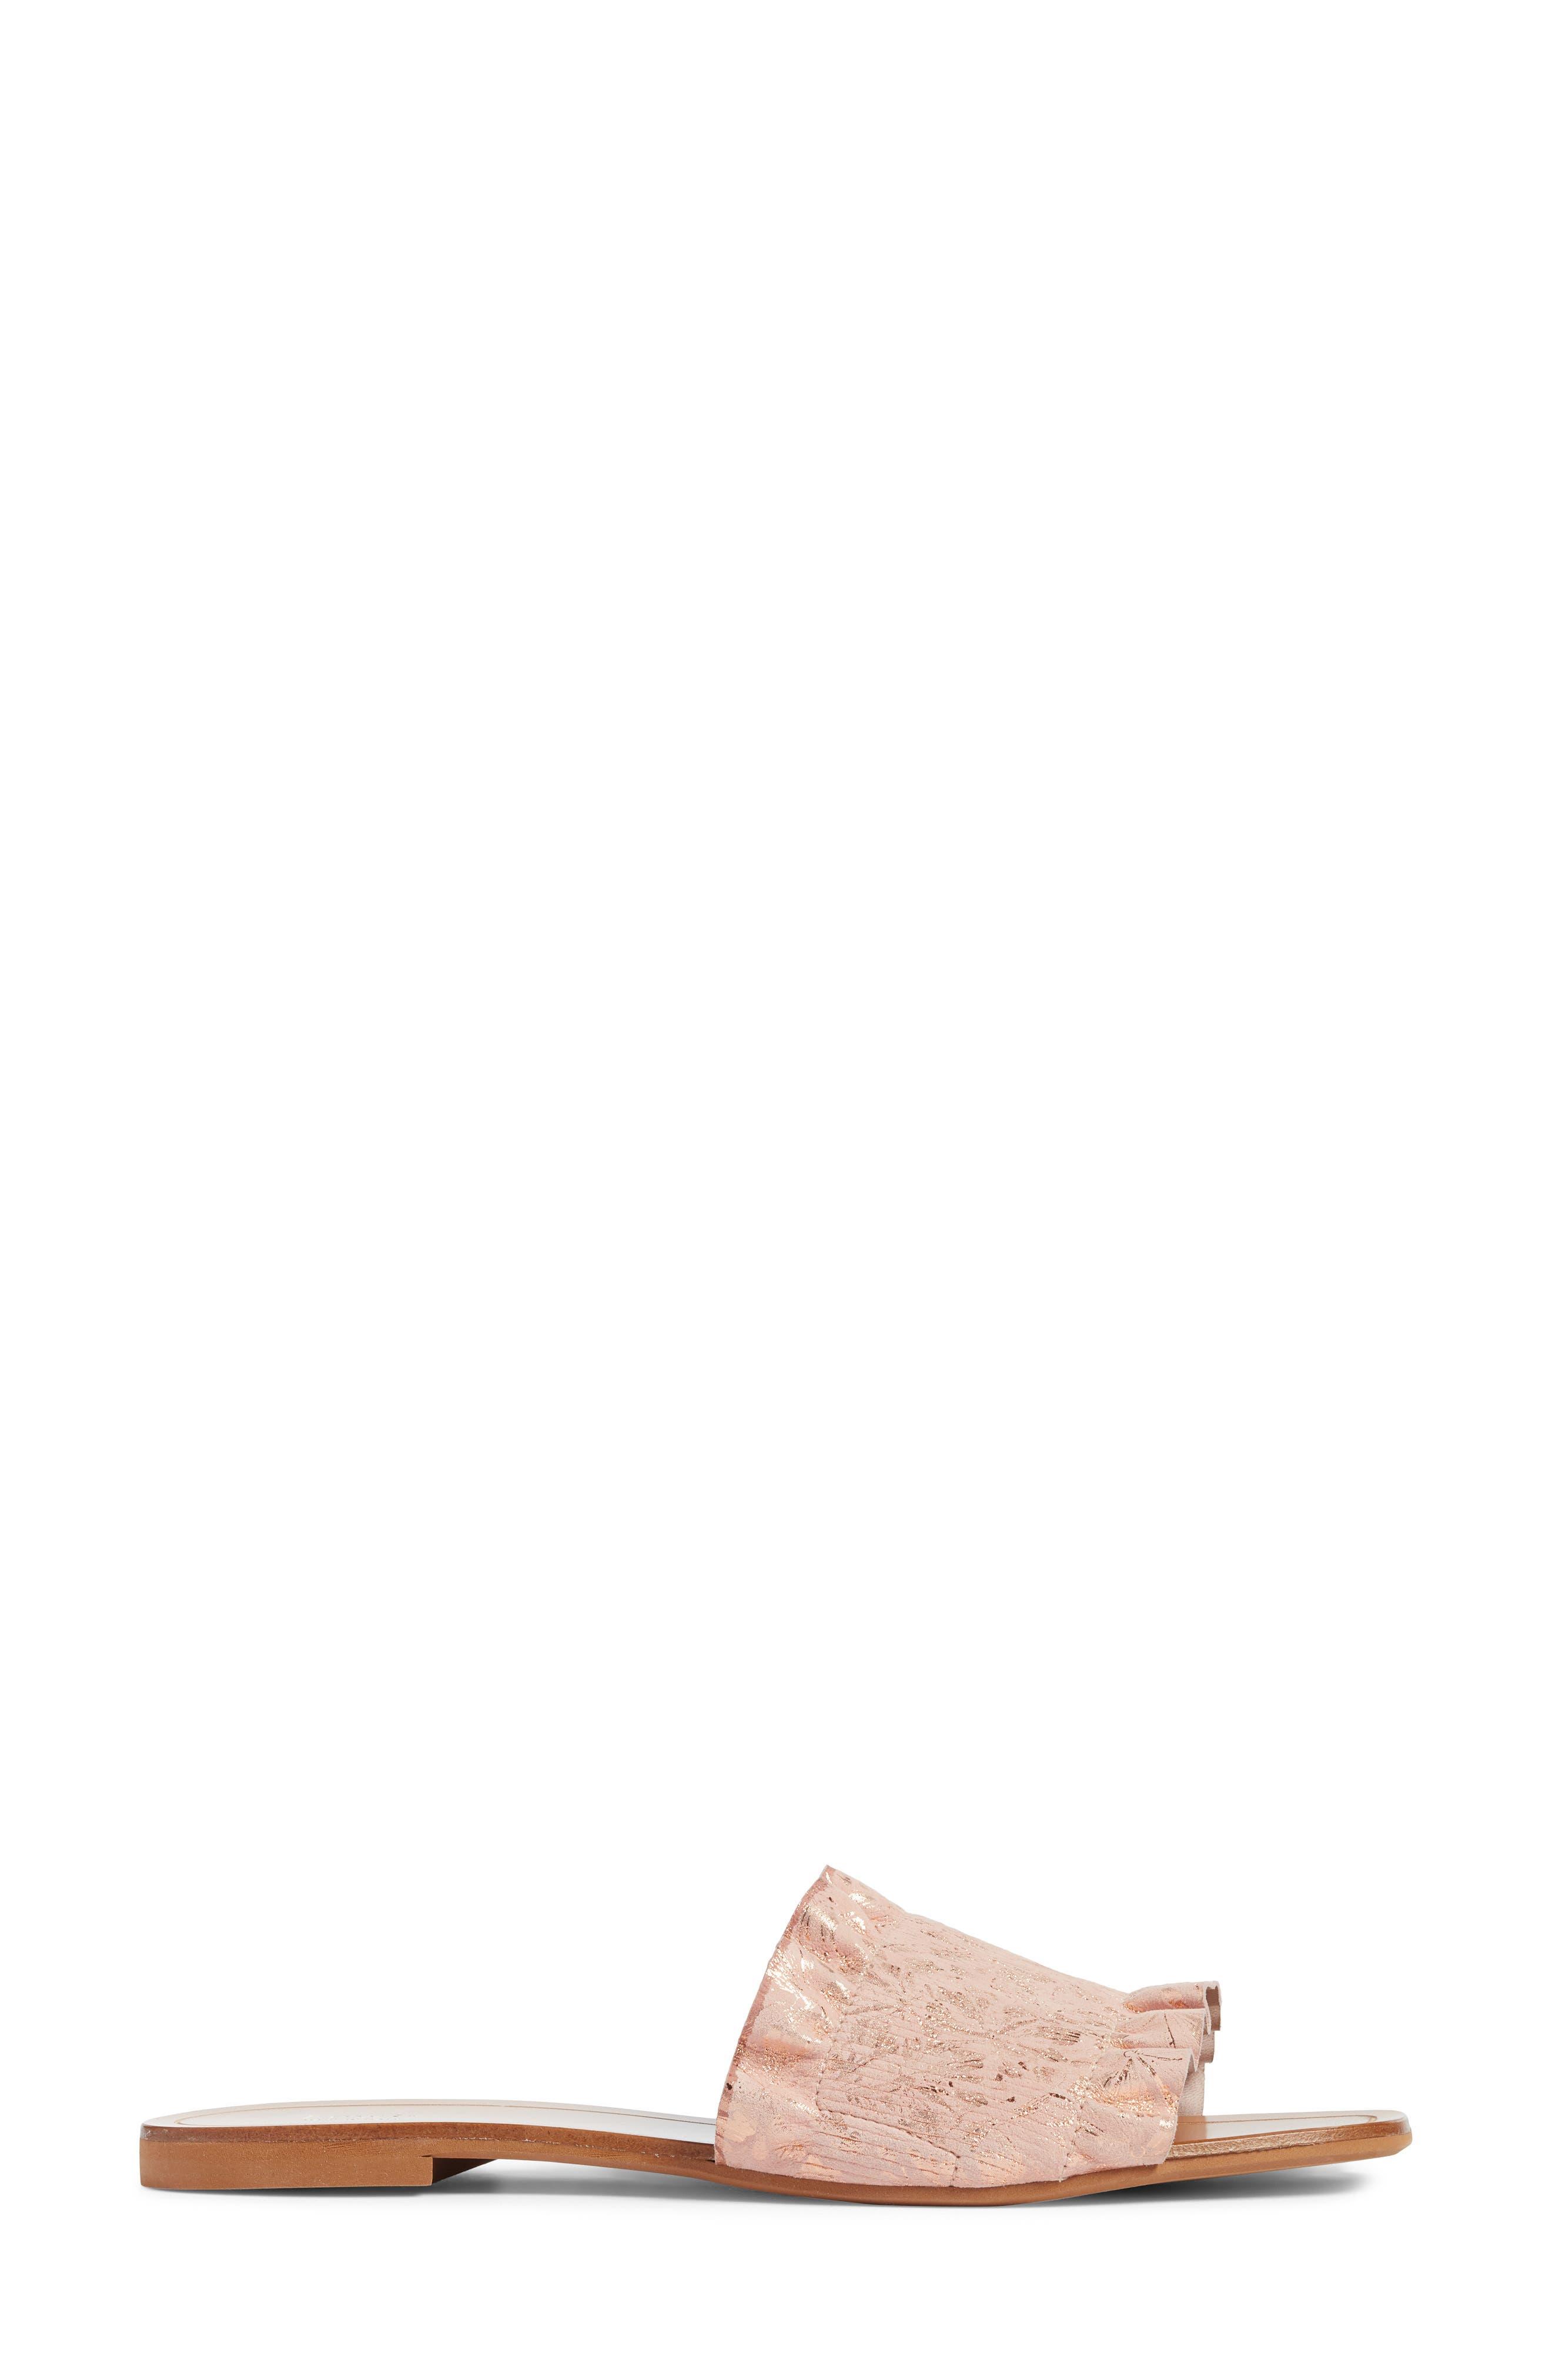 Cassandra Ruffle Slide Sandal,                             Alternate thumbnail 3, color,                             Rose Gold Leather